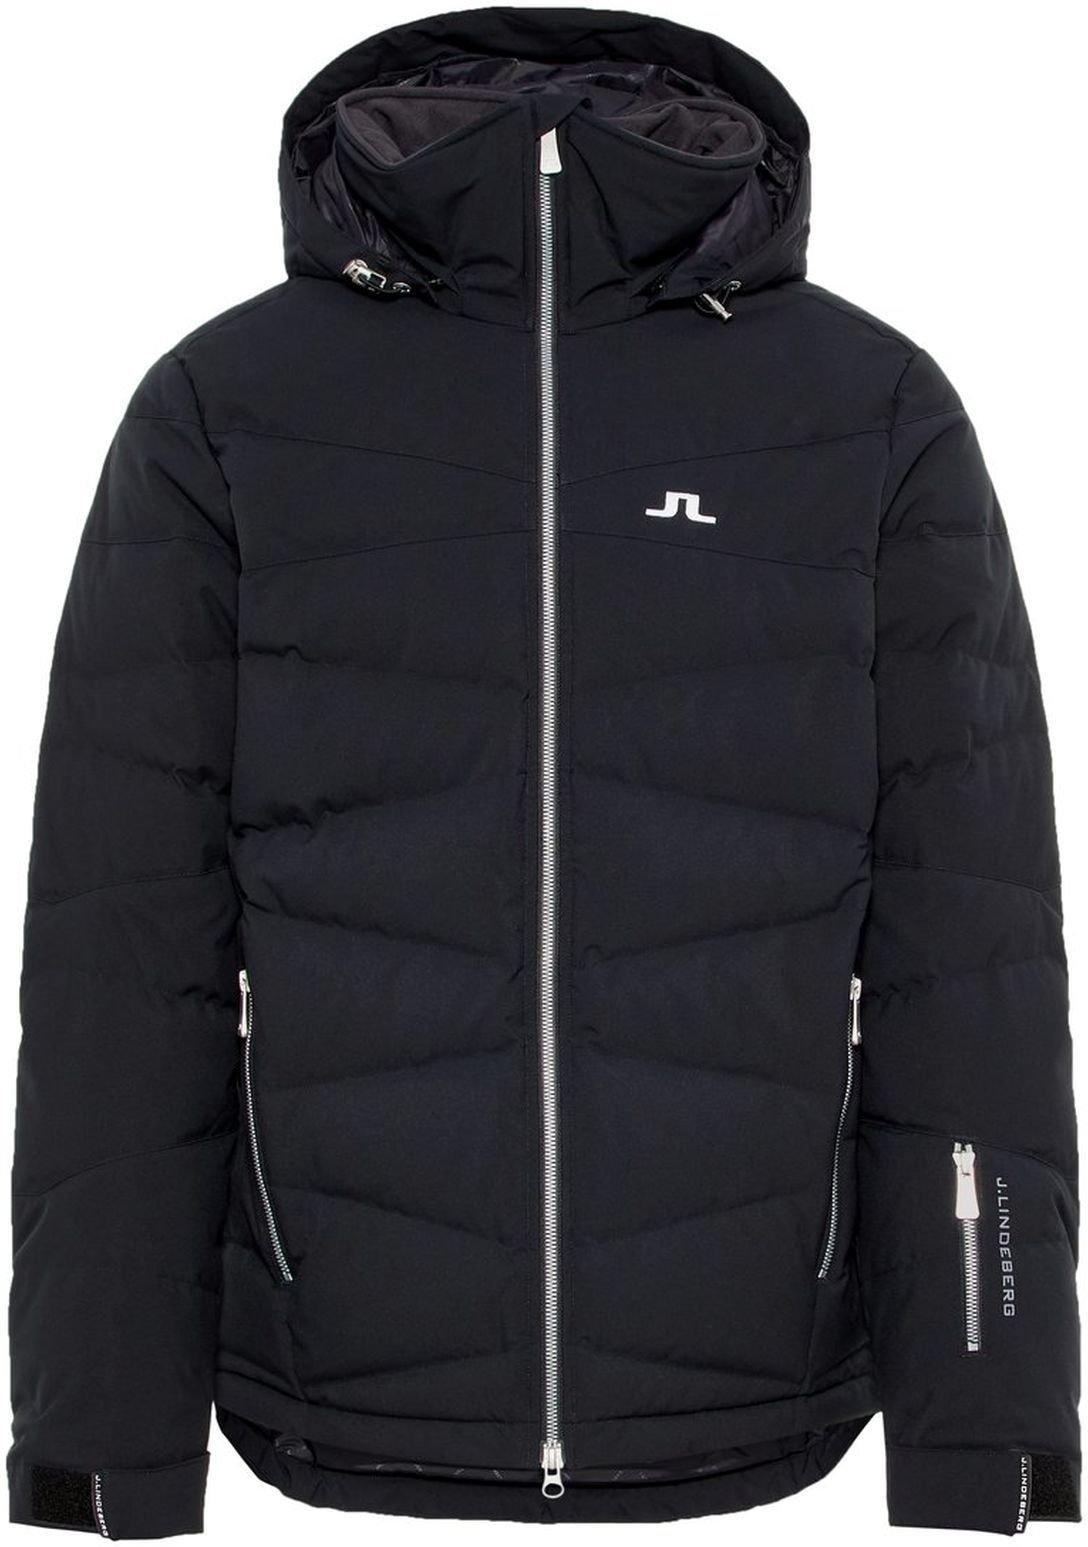 Best pris på J.Lindeberg Crillon Down Jacket JL 2L (Herre